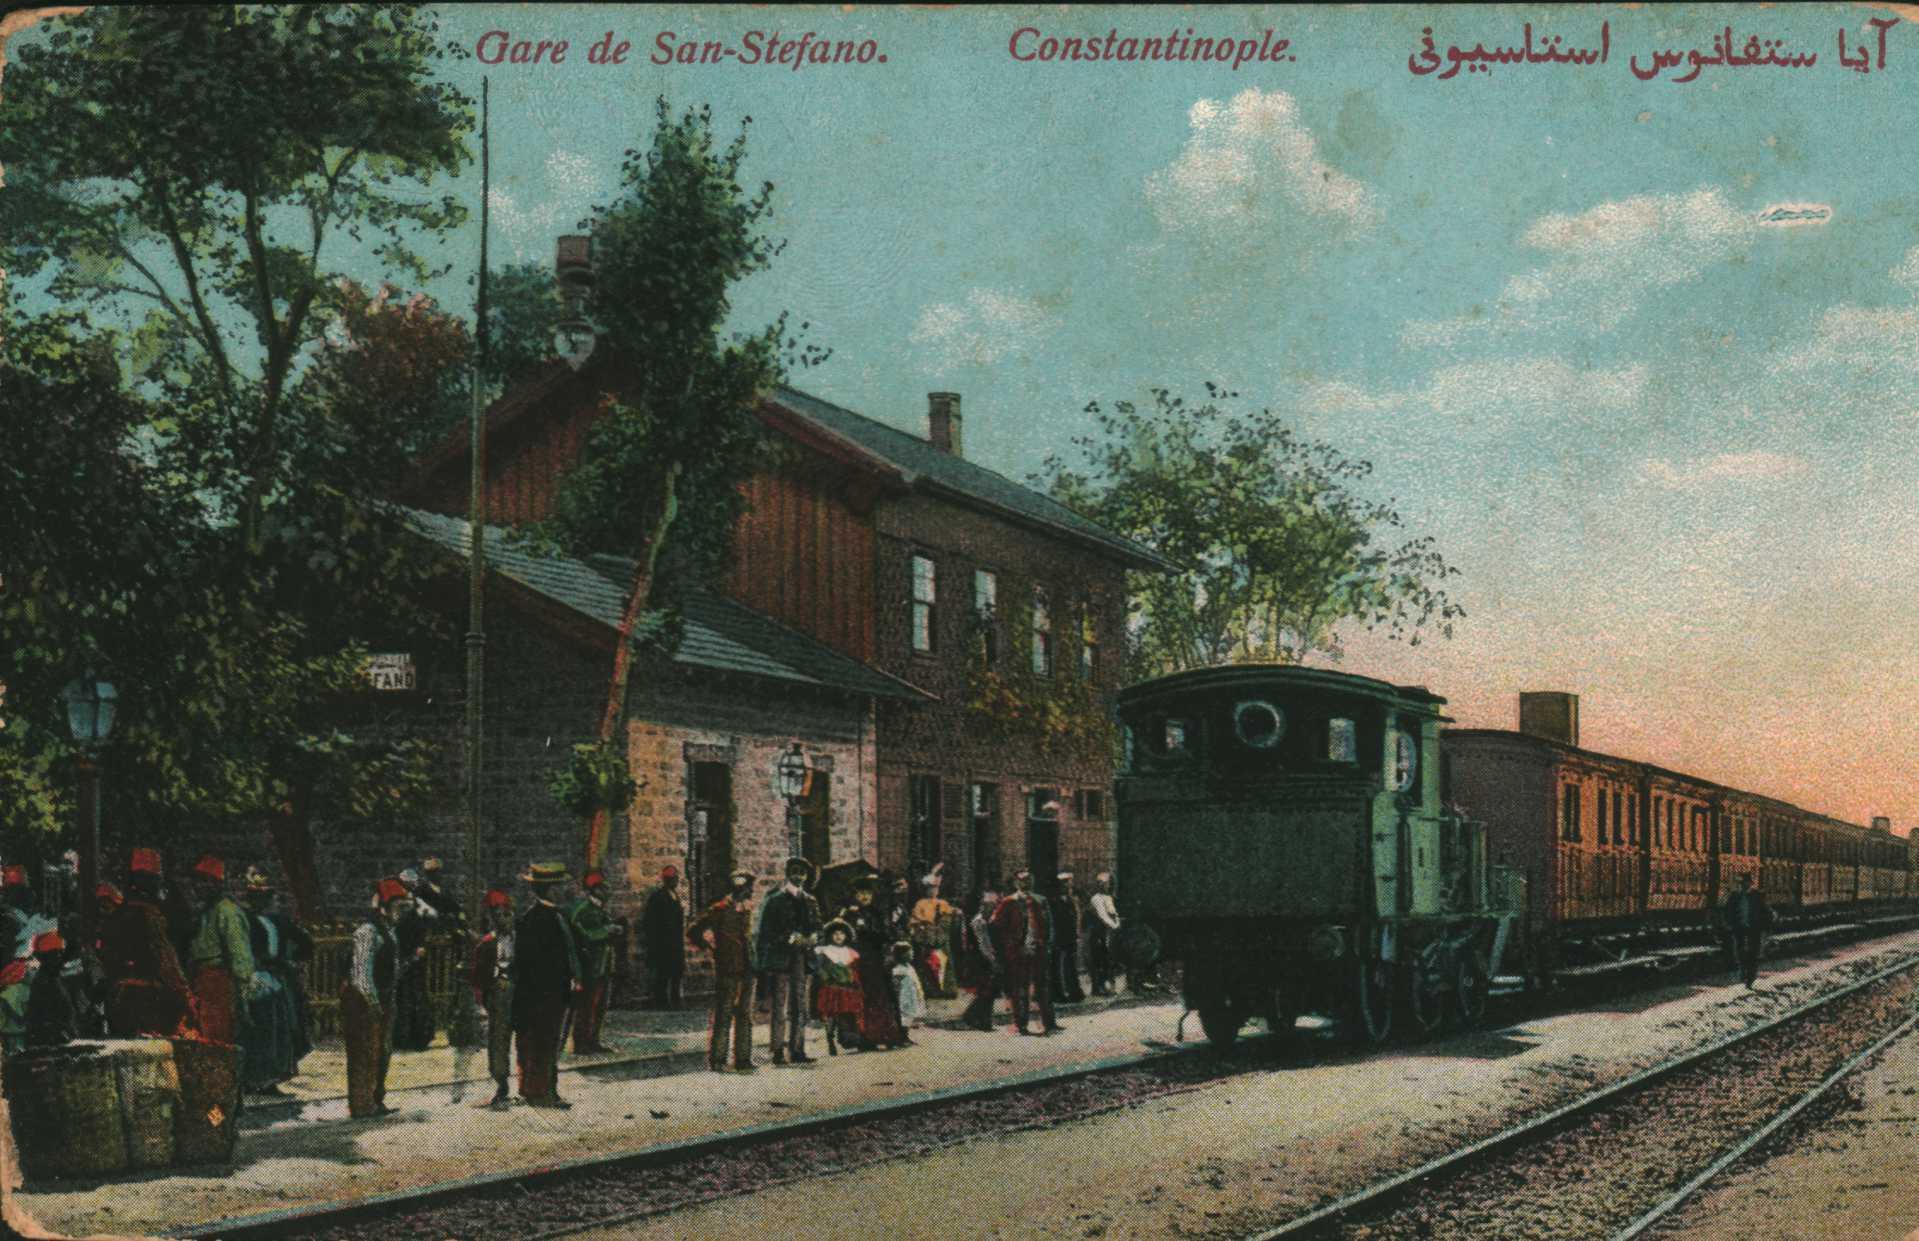 Gare de San-Stefano